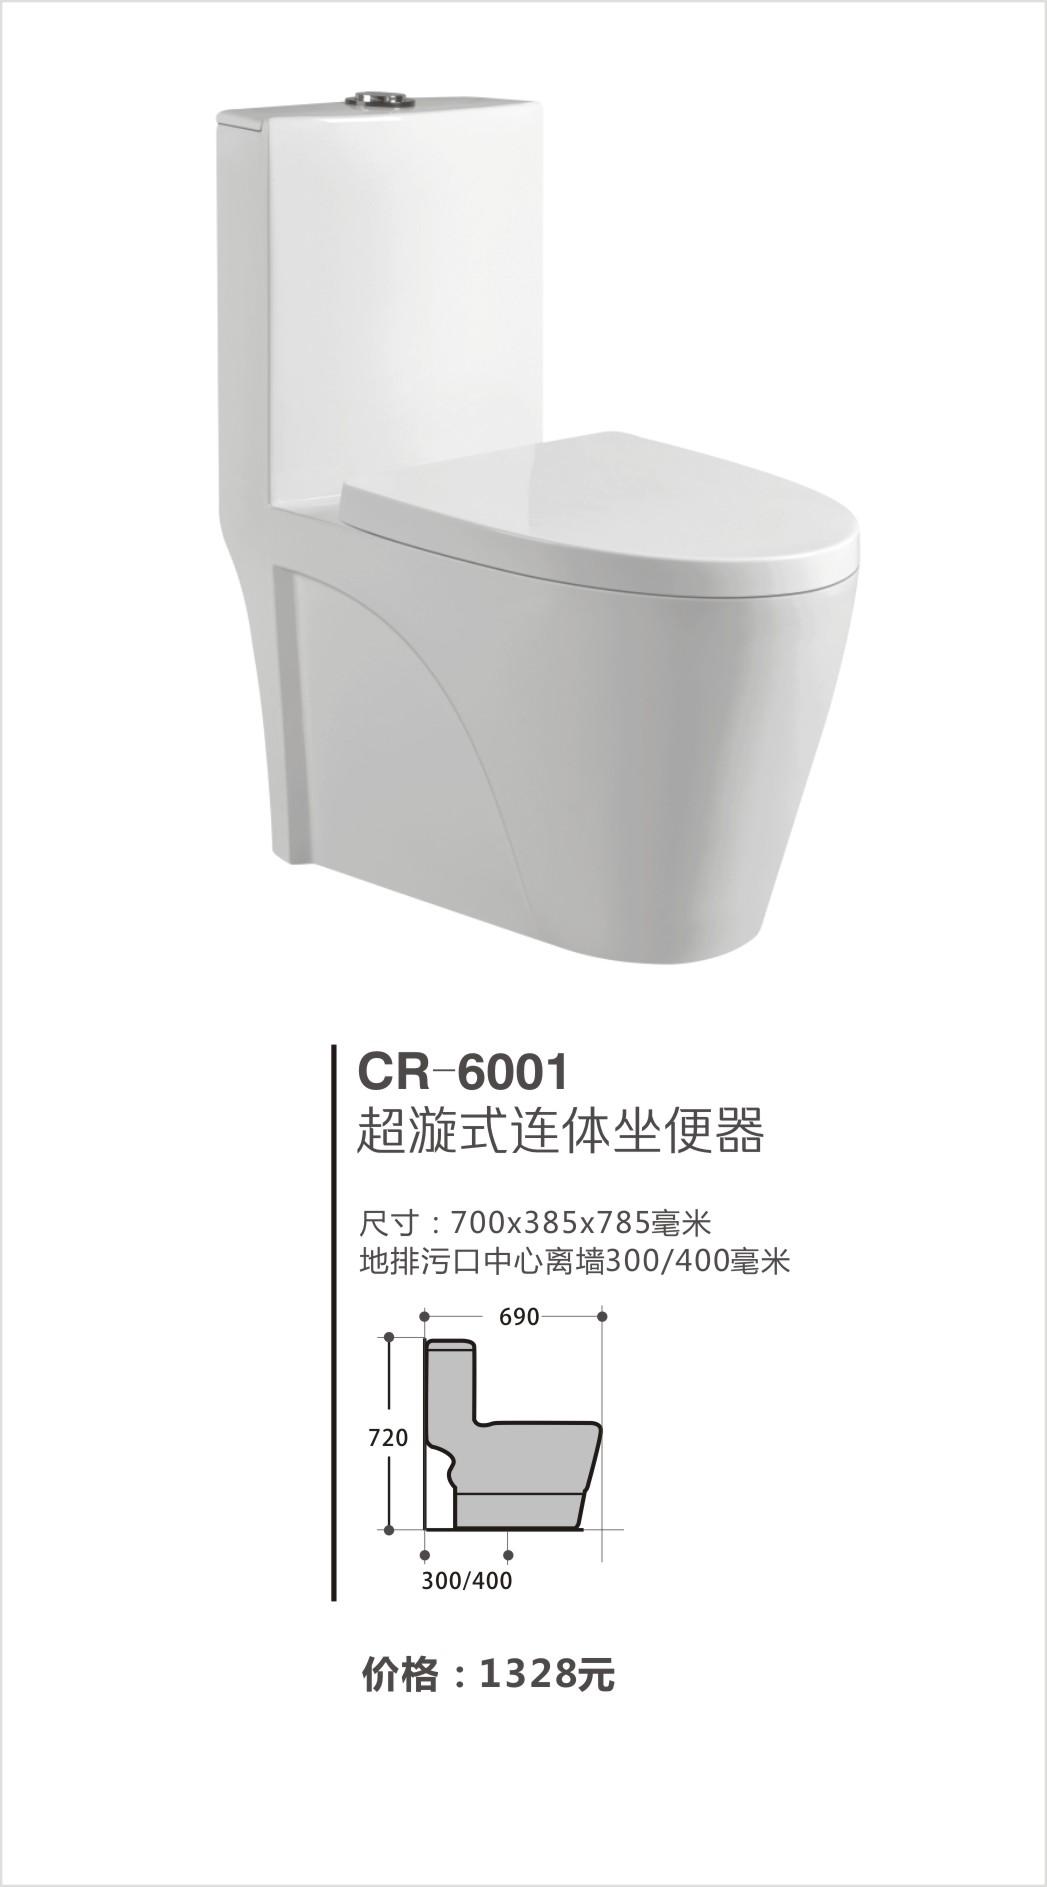 超人(chaoren)卫浴系列坐便器CR-6001